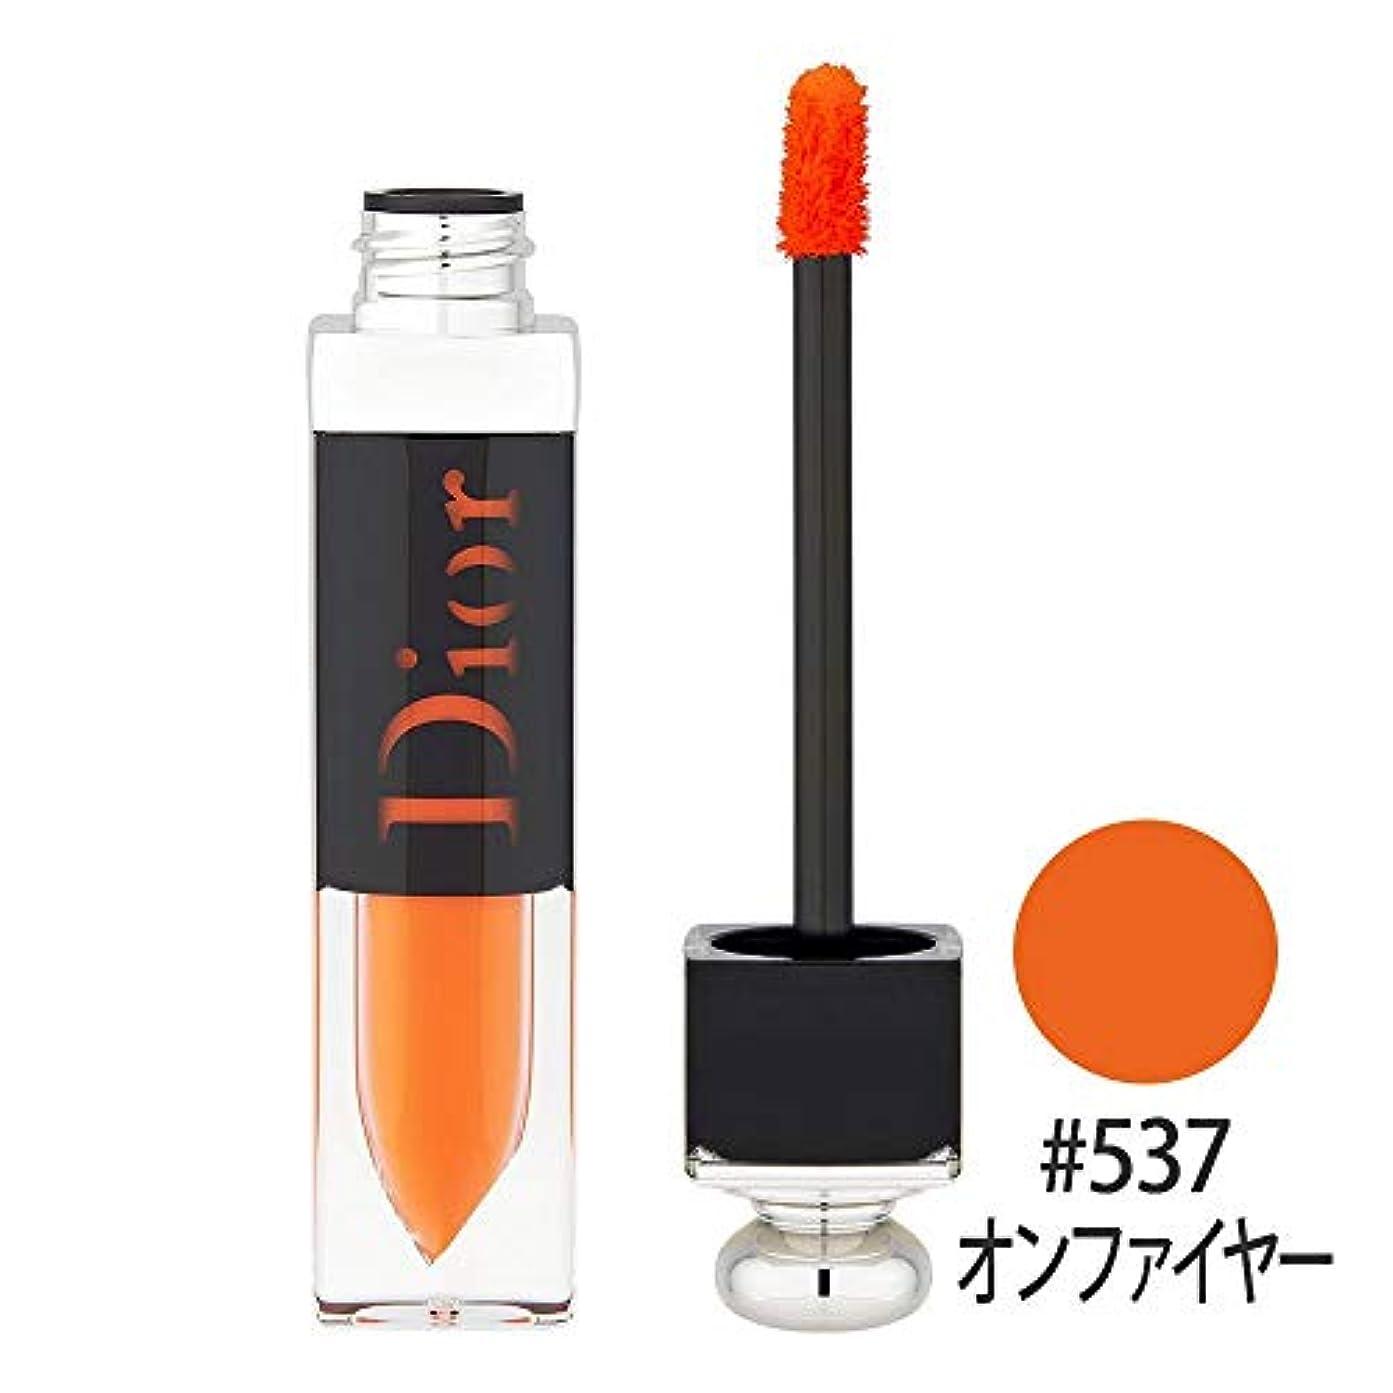 デコードする誇りに思う脱走ディオール(Dior) ディオール アディクト ラッカー プランプ #537(オンファイヤー) 5.5ml [並行輸入品]